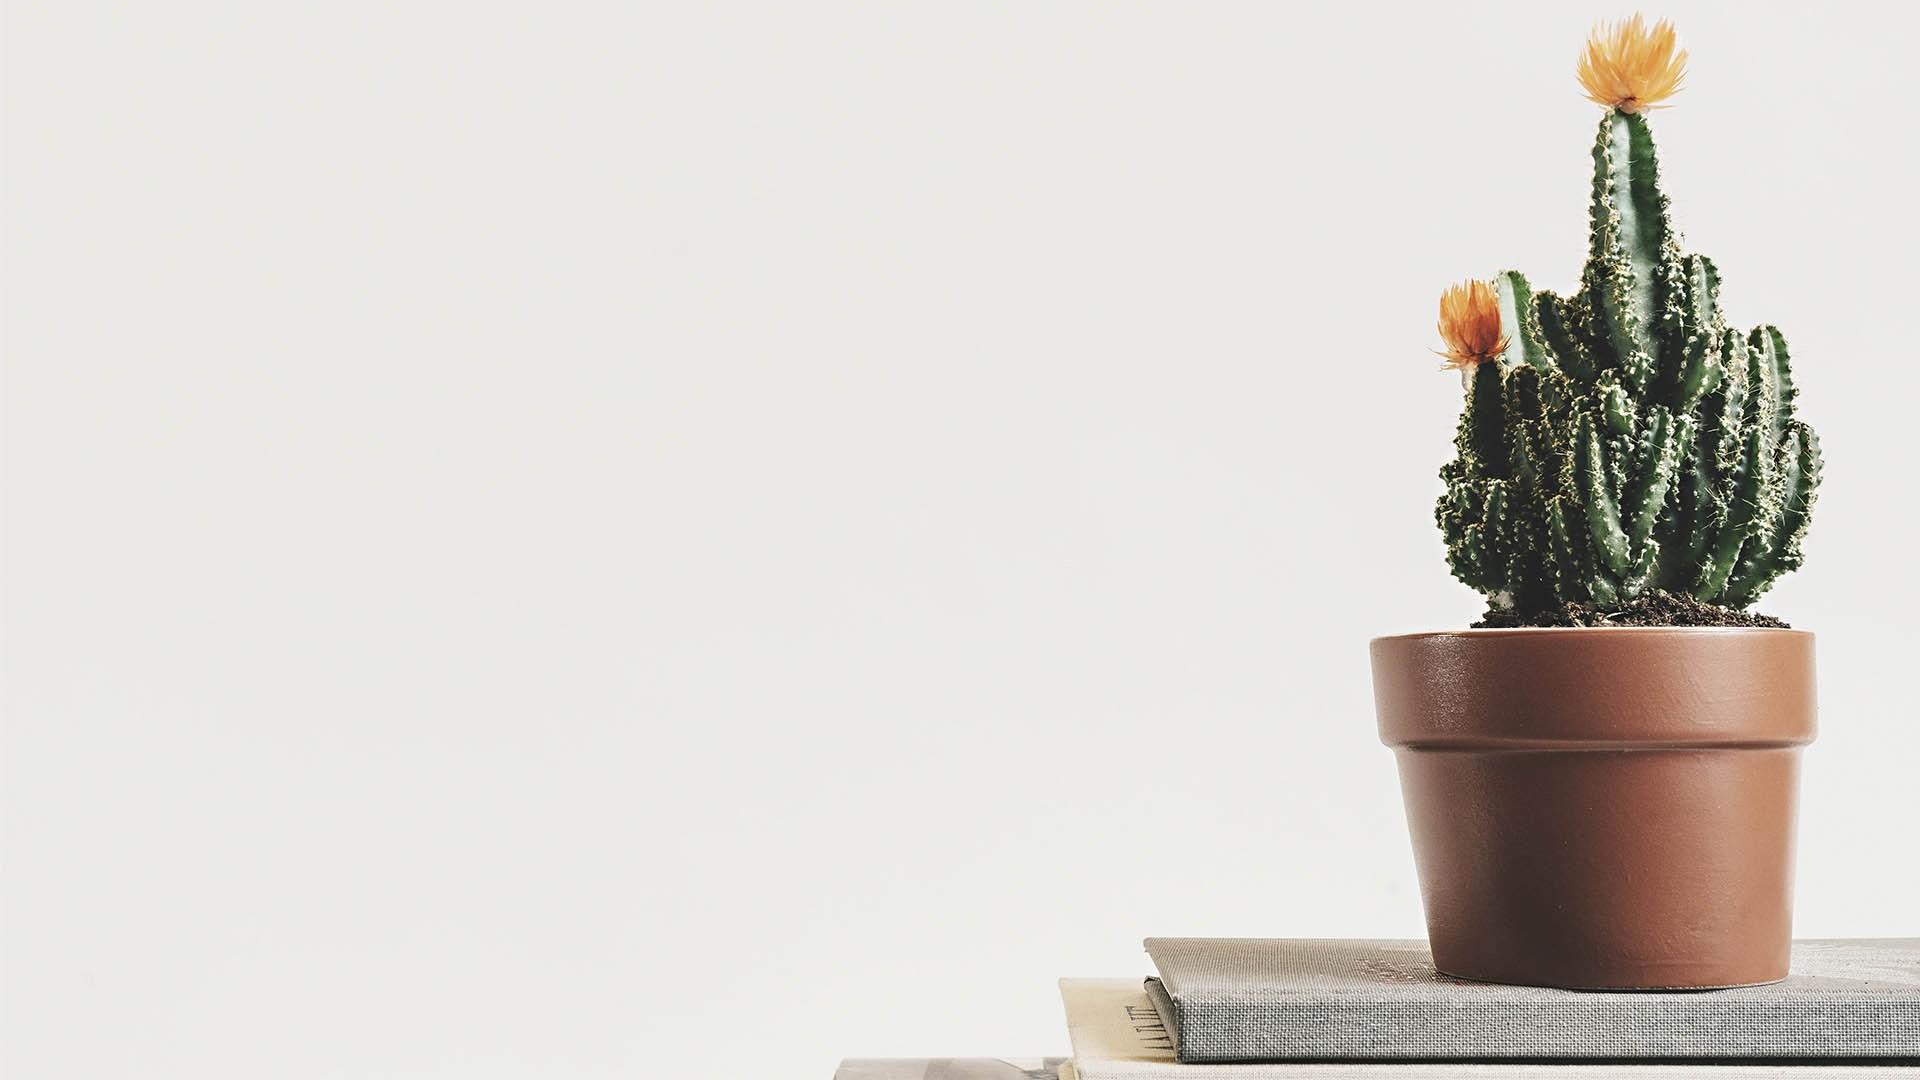 Cactus Minimalist Pic